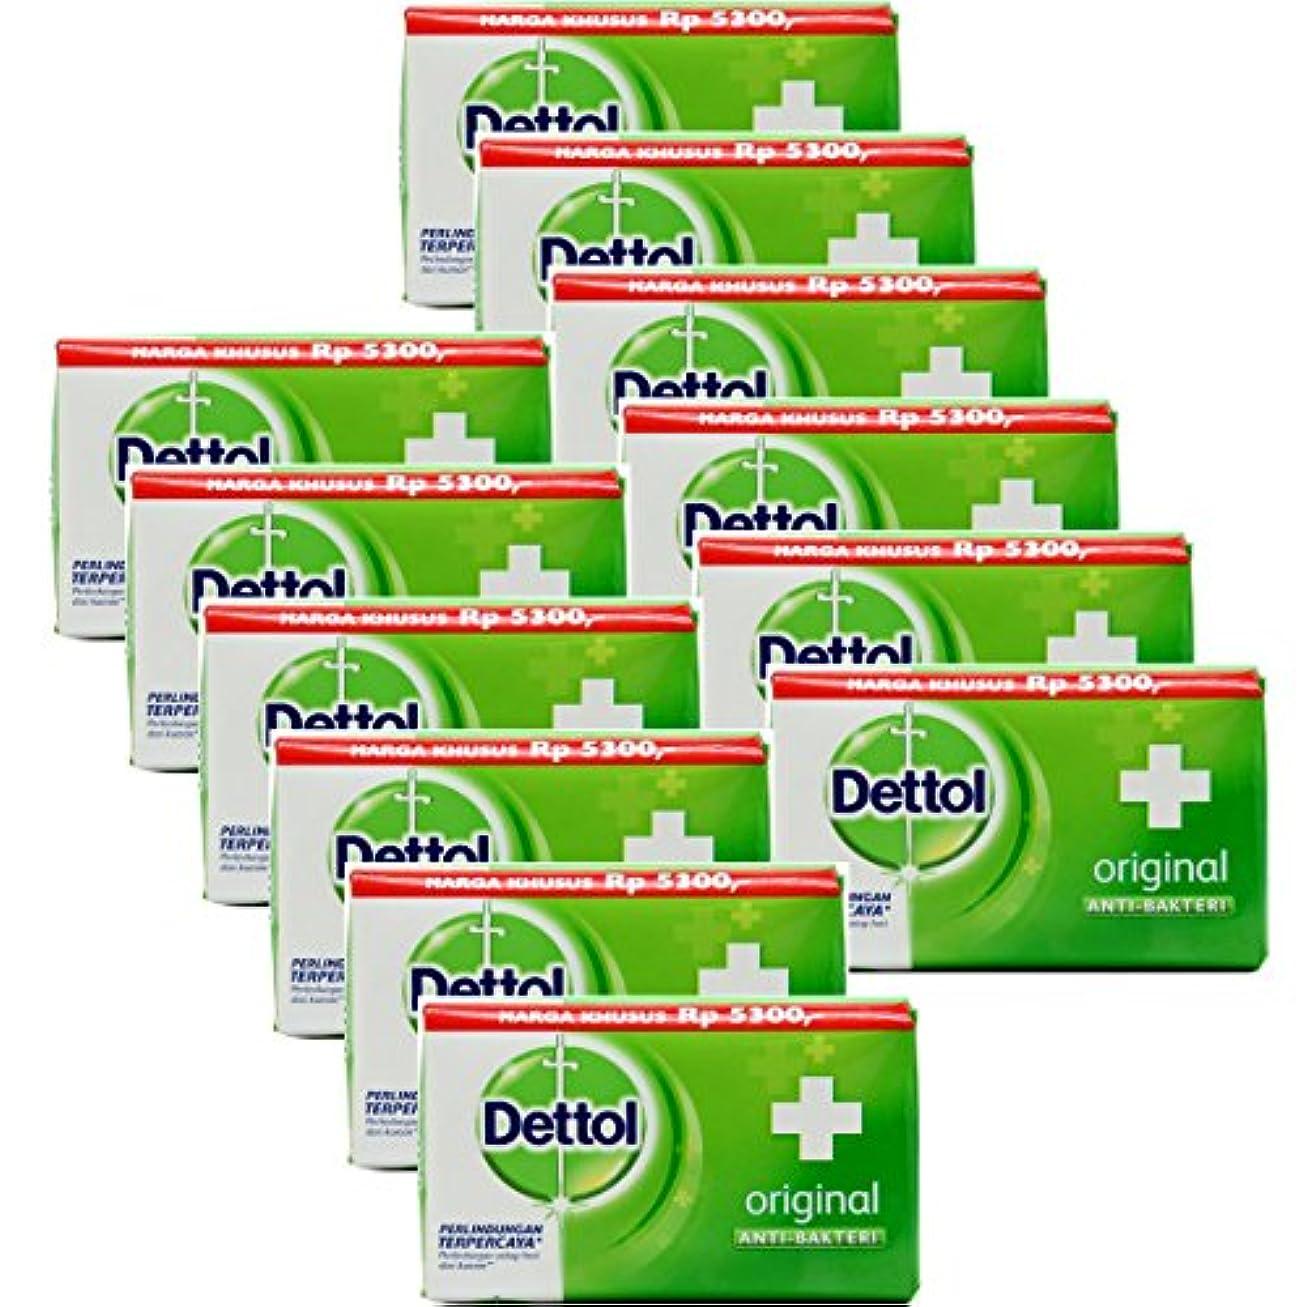 帳面味わう民主党Dettol(デトール) Anti-Bacterial Hand and Body Bar Soap, Original, 110 Gr / 3.88 Oz (12個セット)